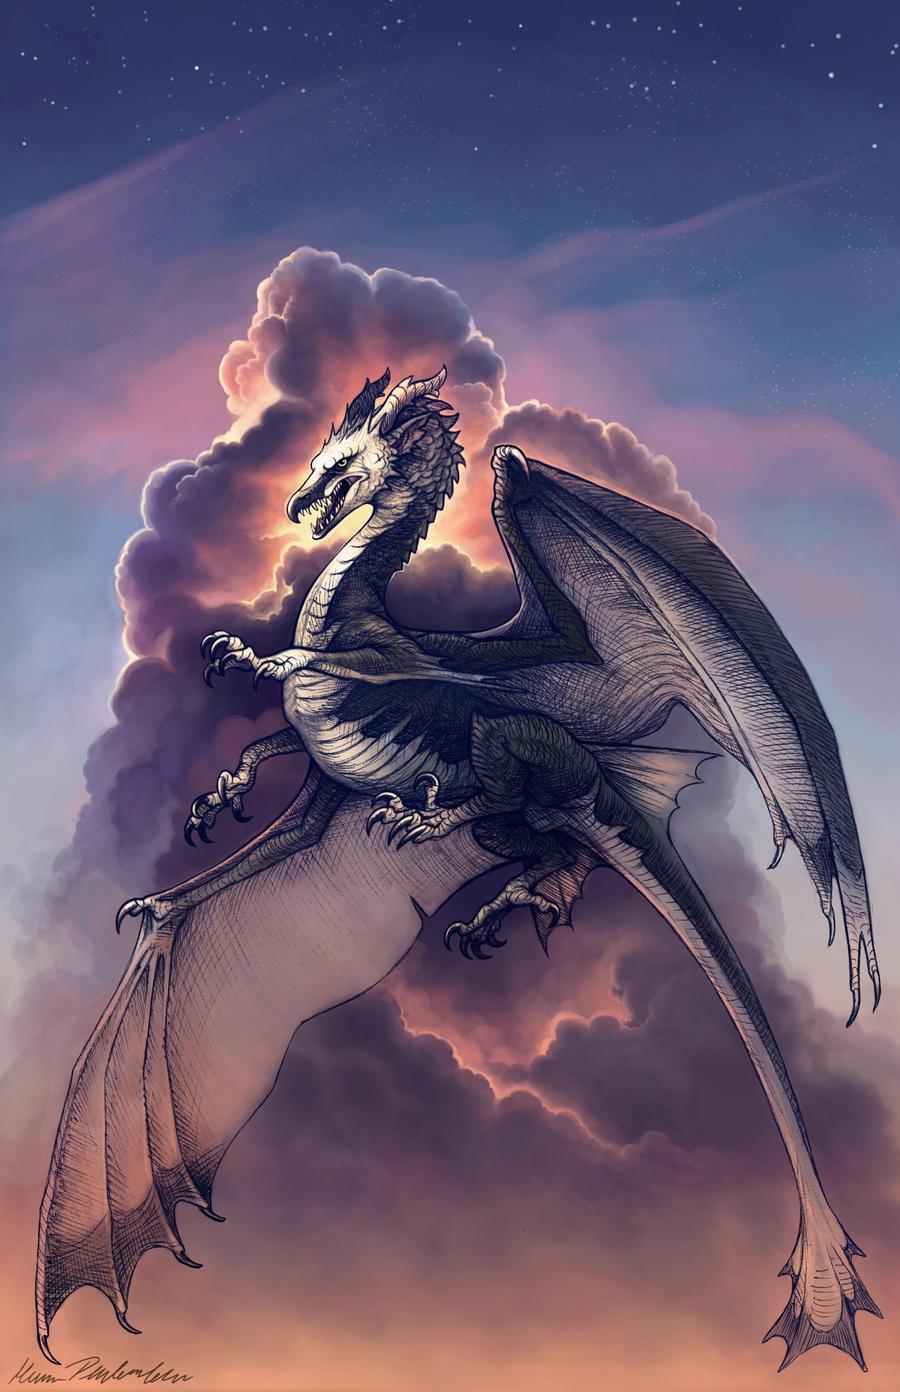 Трансформация человека в дракона картинки 23 фотография